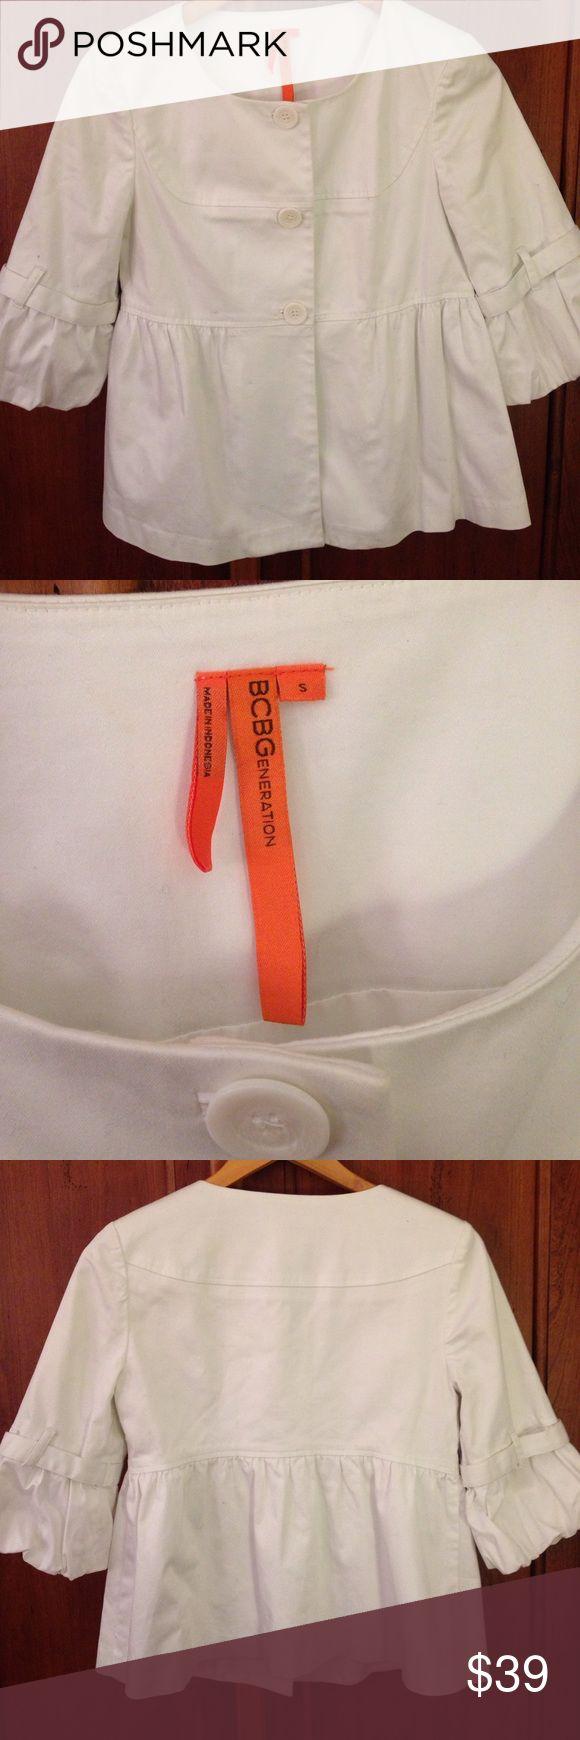 BCBG white coat BCBG white coat with 3/4 bell sleeves. size s BCBGeneration Jackets & Coats Blazers